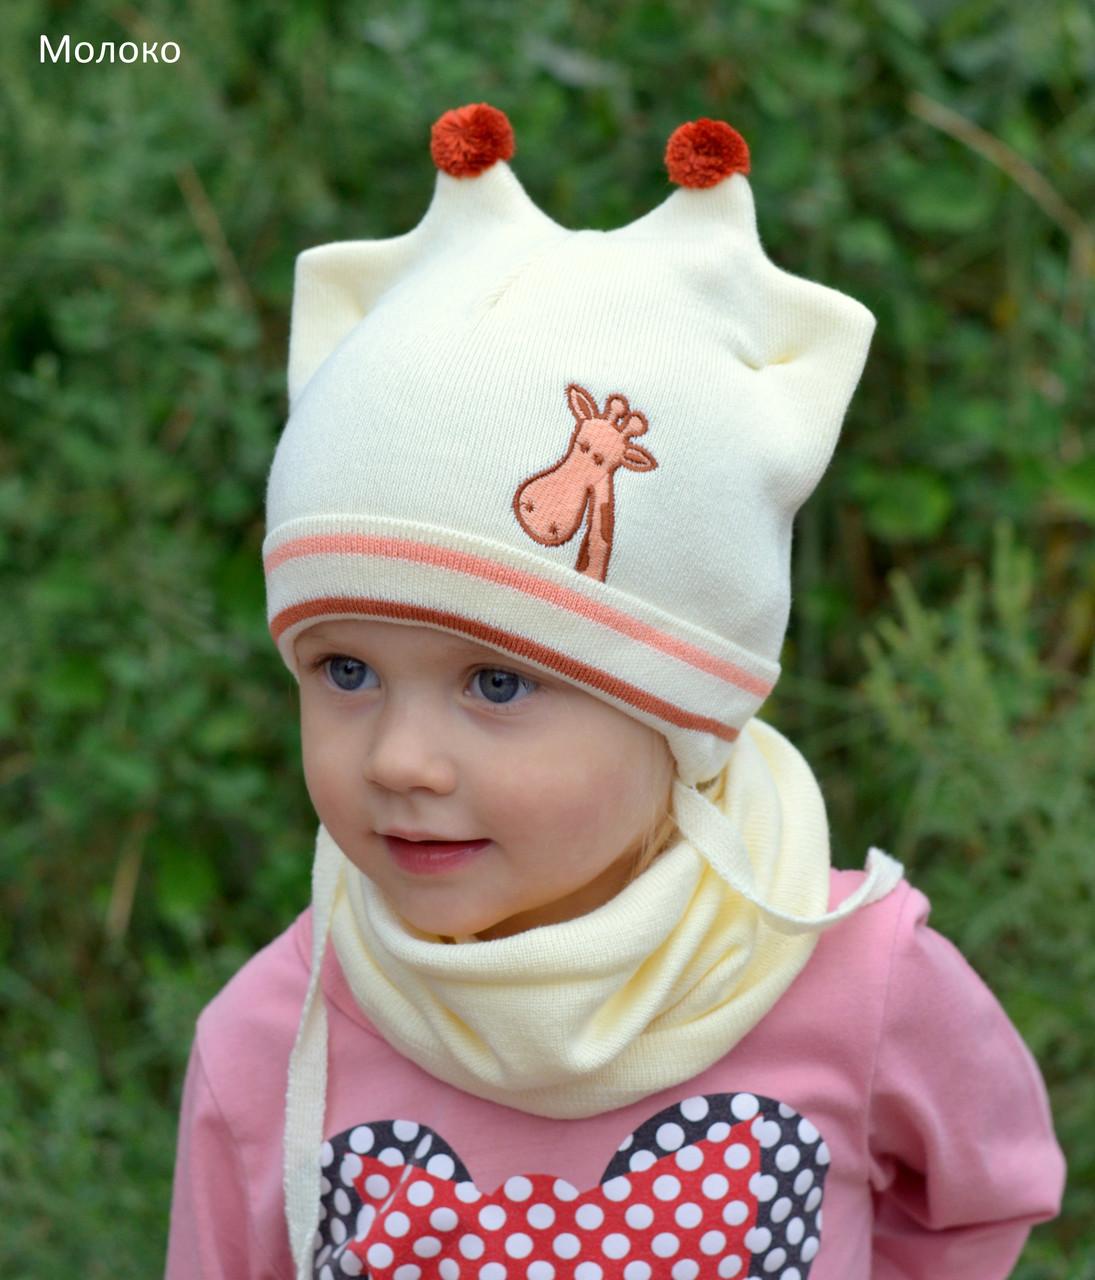 №105 Шапка Жираф. Хлопок 60%. Мальчик/девочка 1-3 года. р. 46-50. Т.розовый, т.синий, молоко